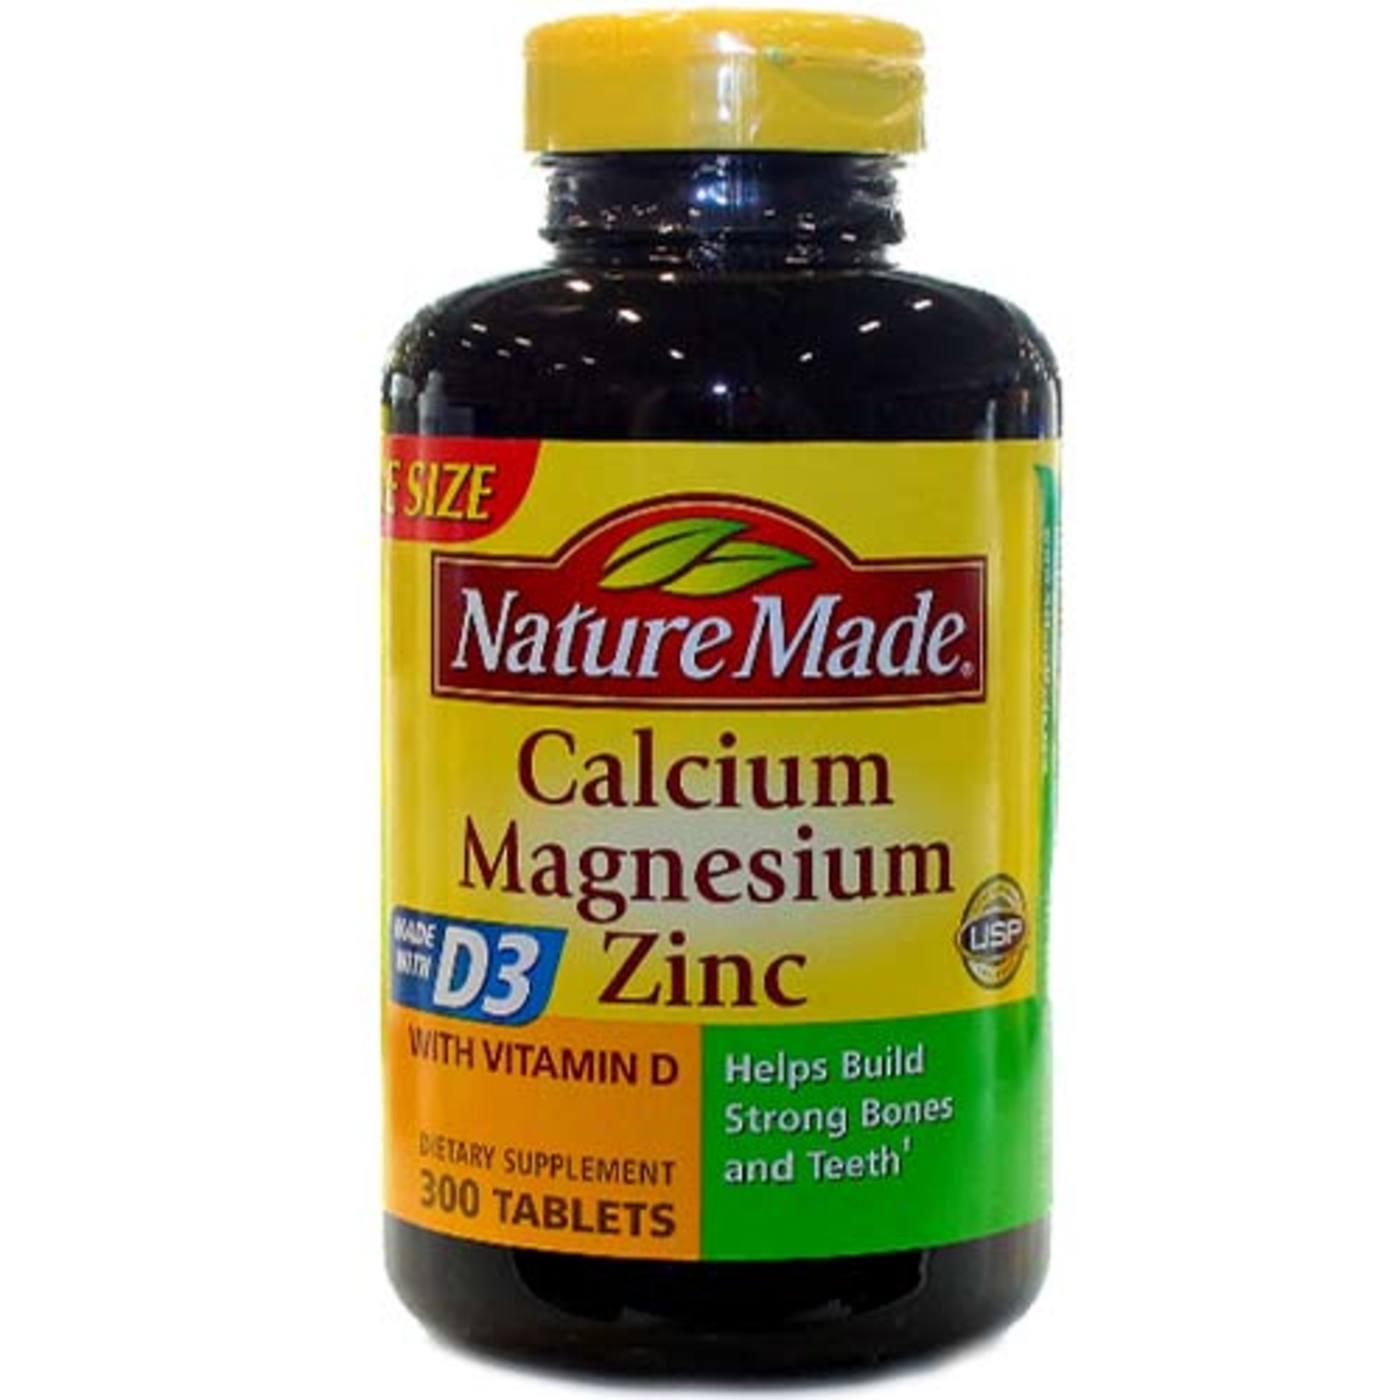 Nature Made Vitamin E Review